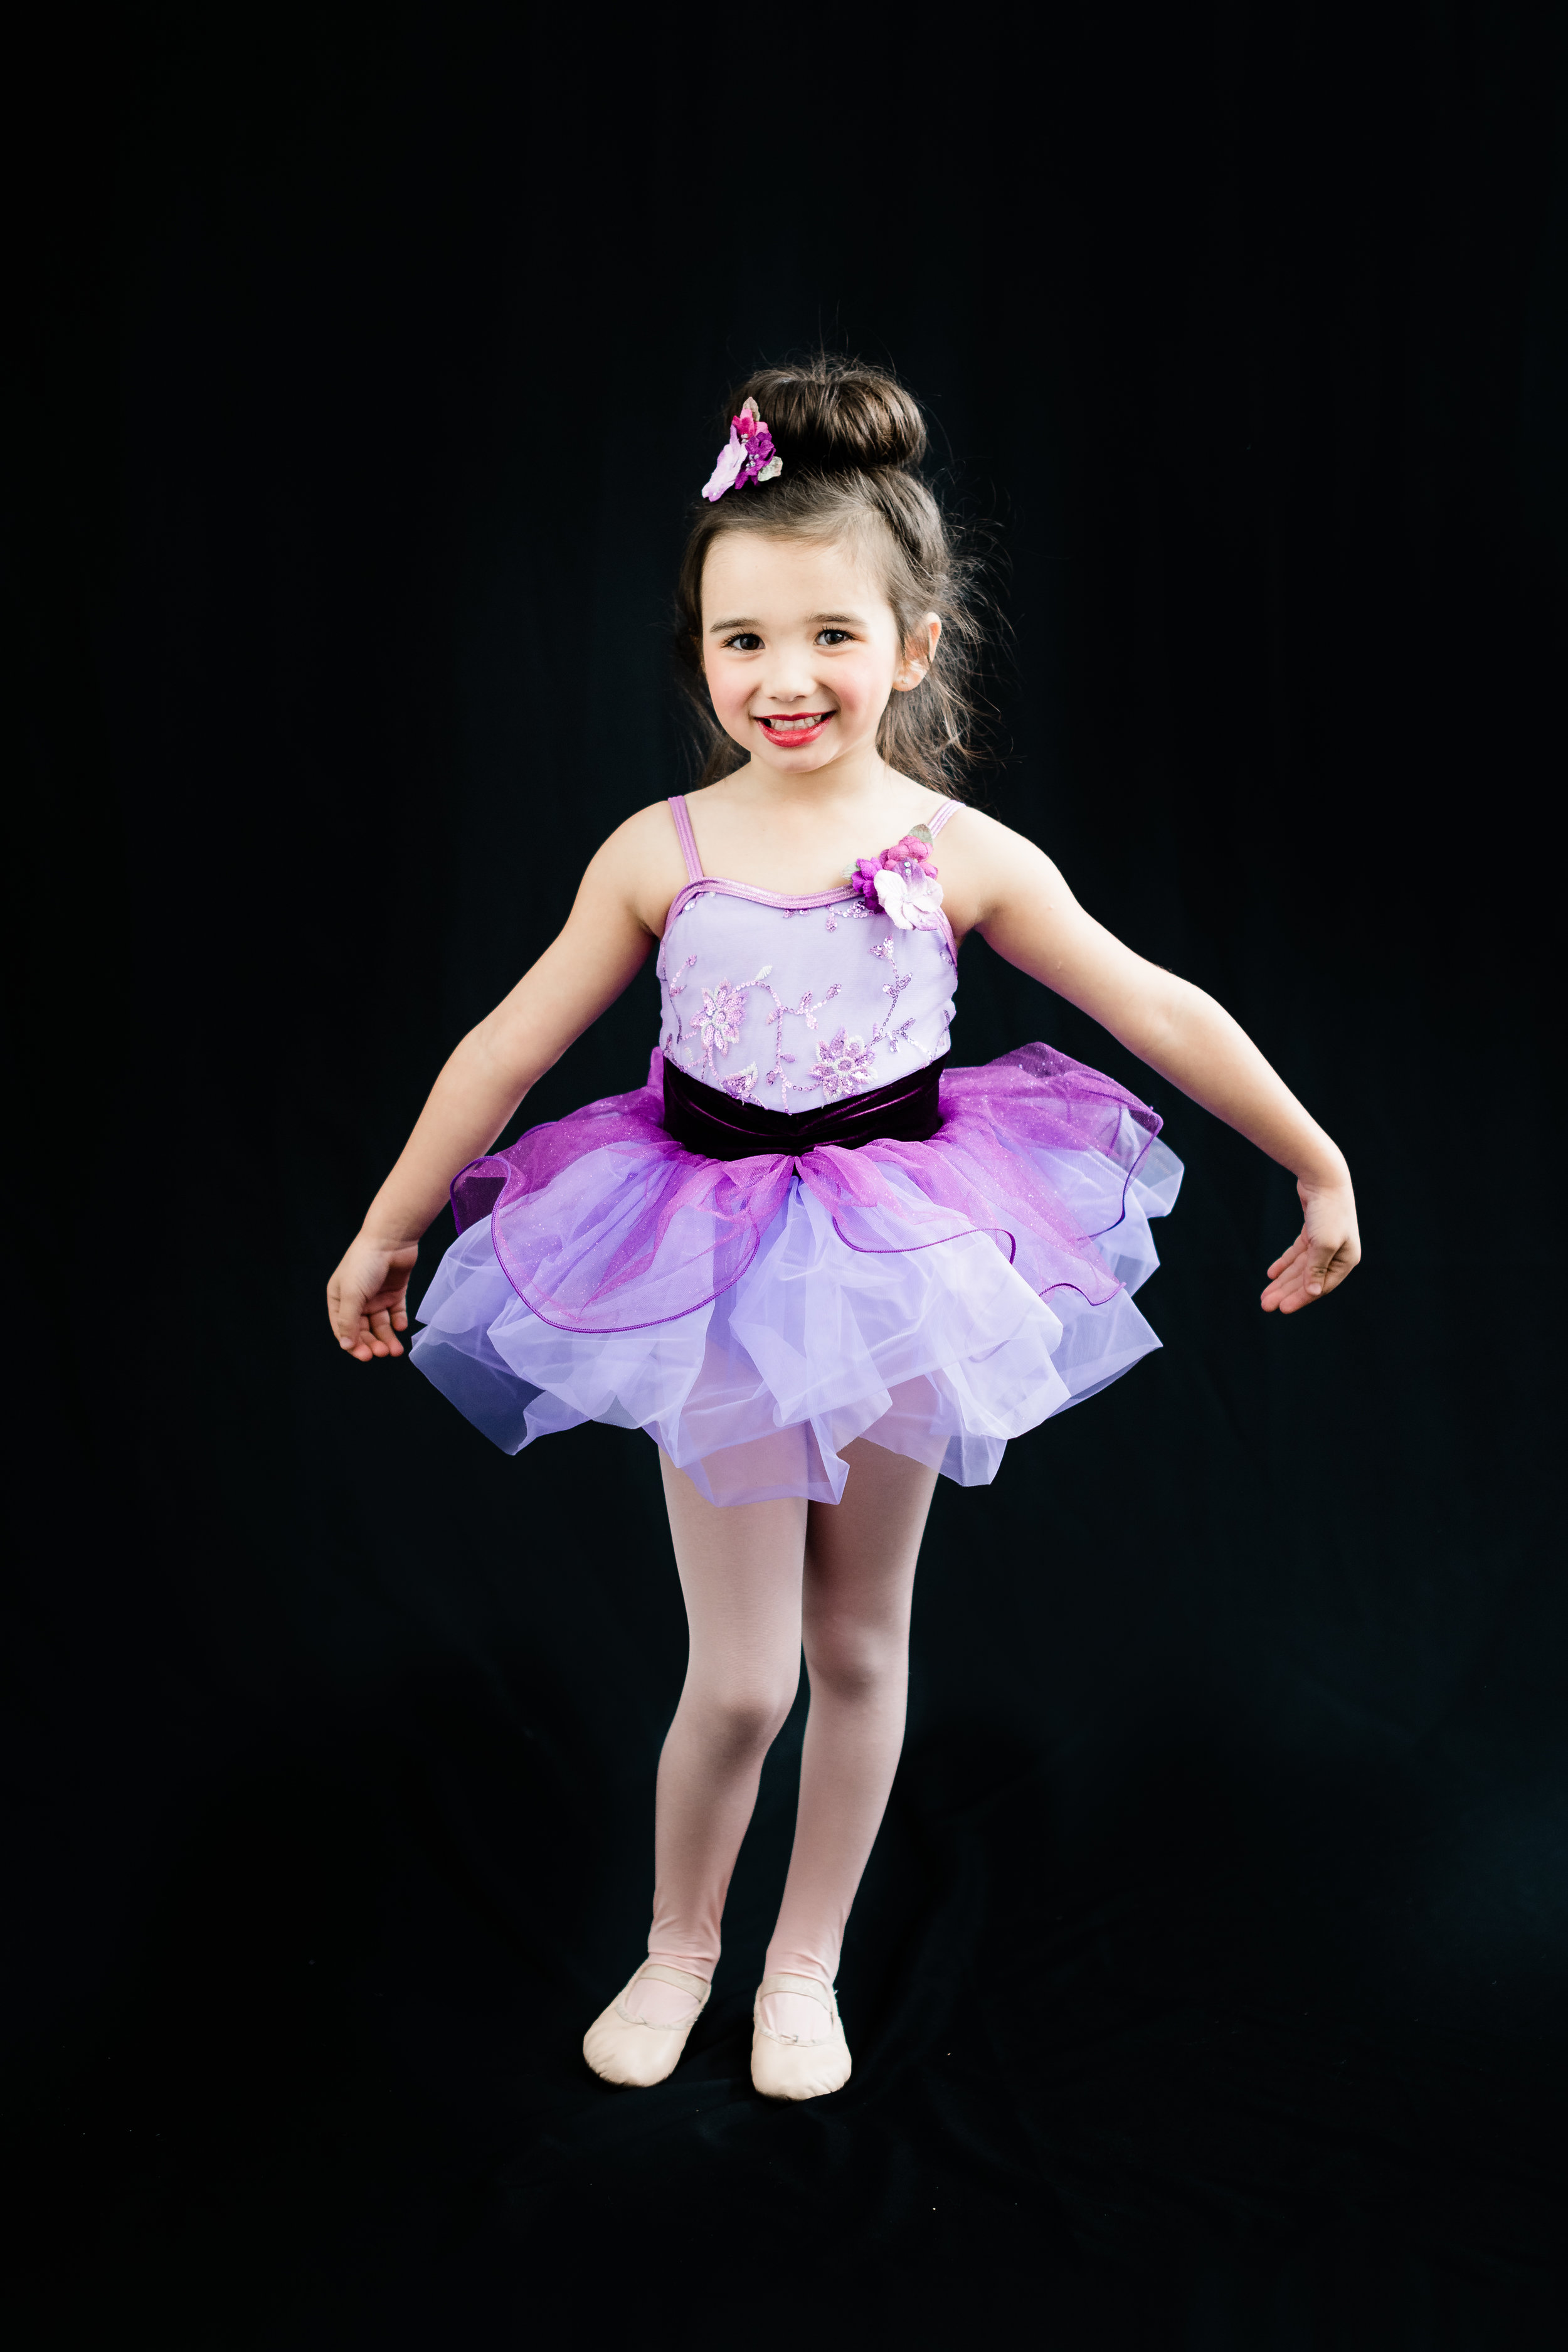 Estelle, Brooke-190306-Dance Test Photos-1.jpg